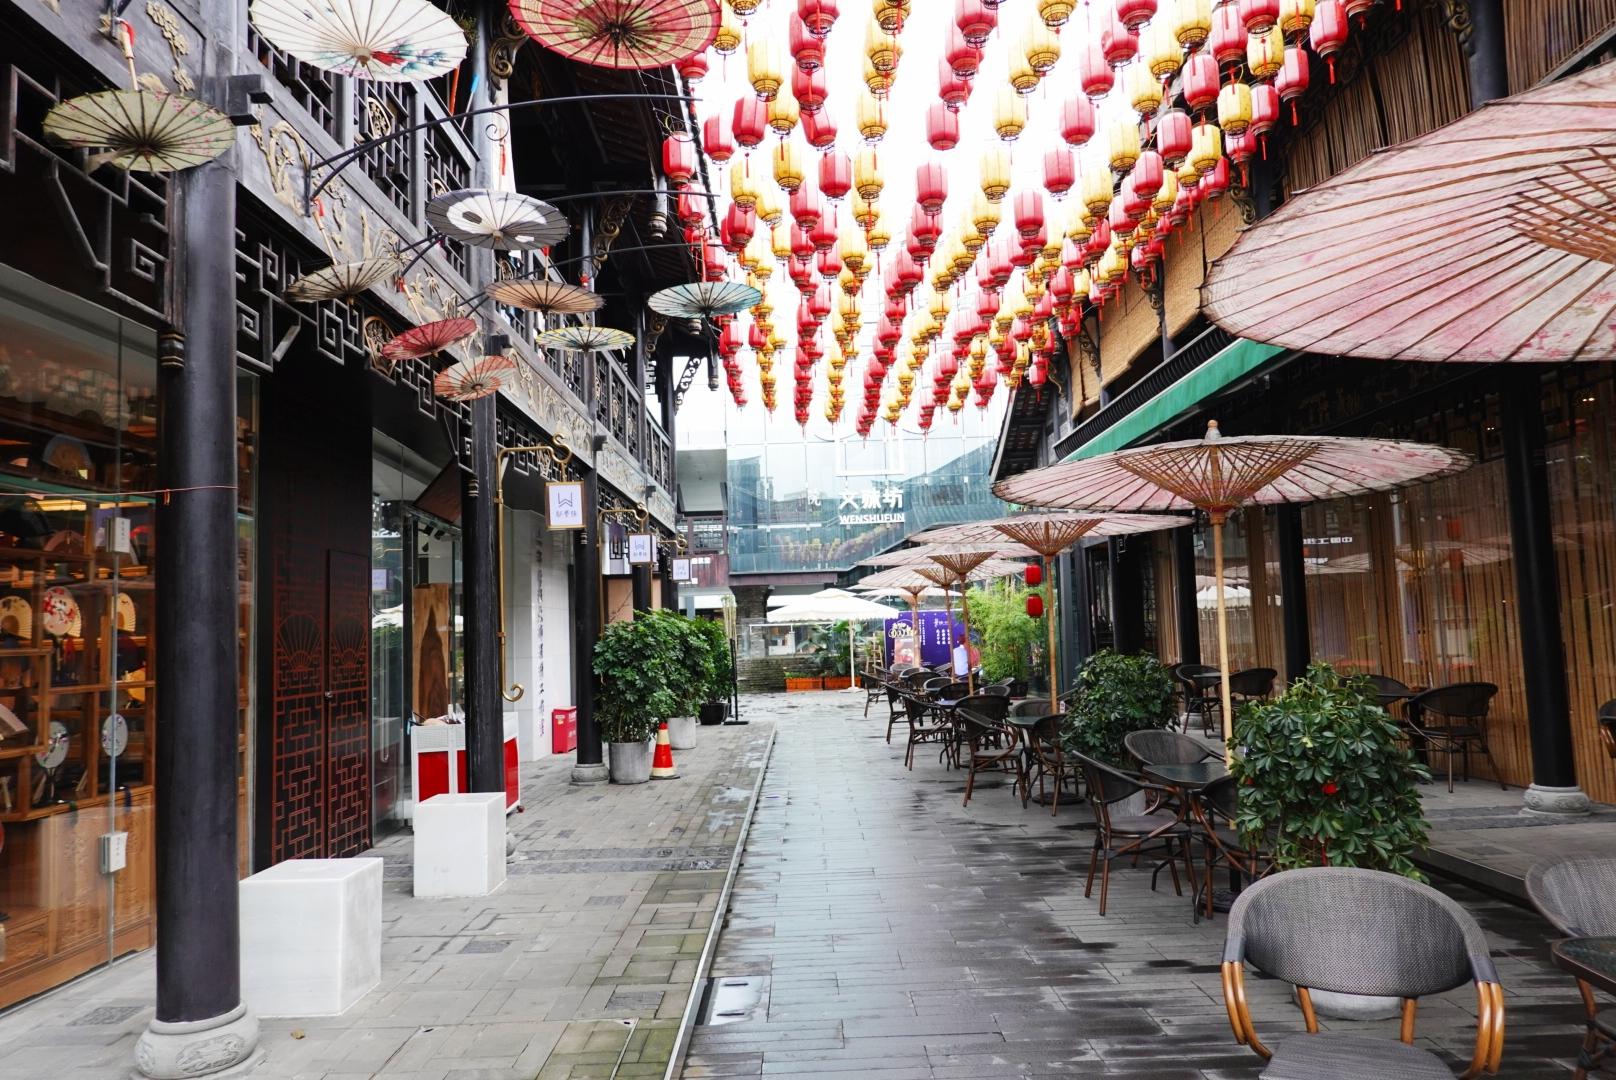 周知!成都文殊院、新都宝光寺春节期间暂停对外开放